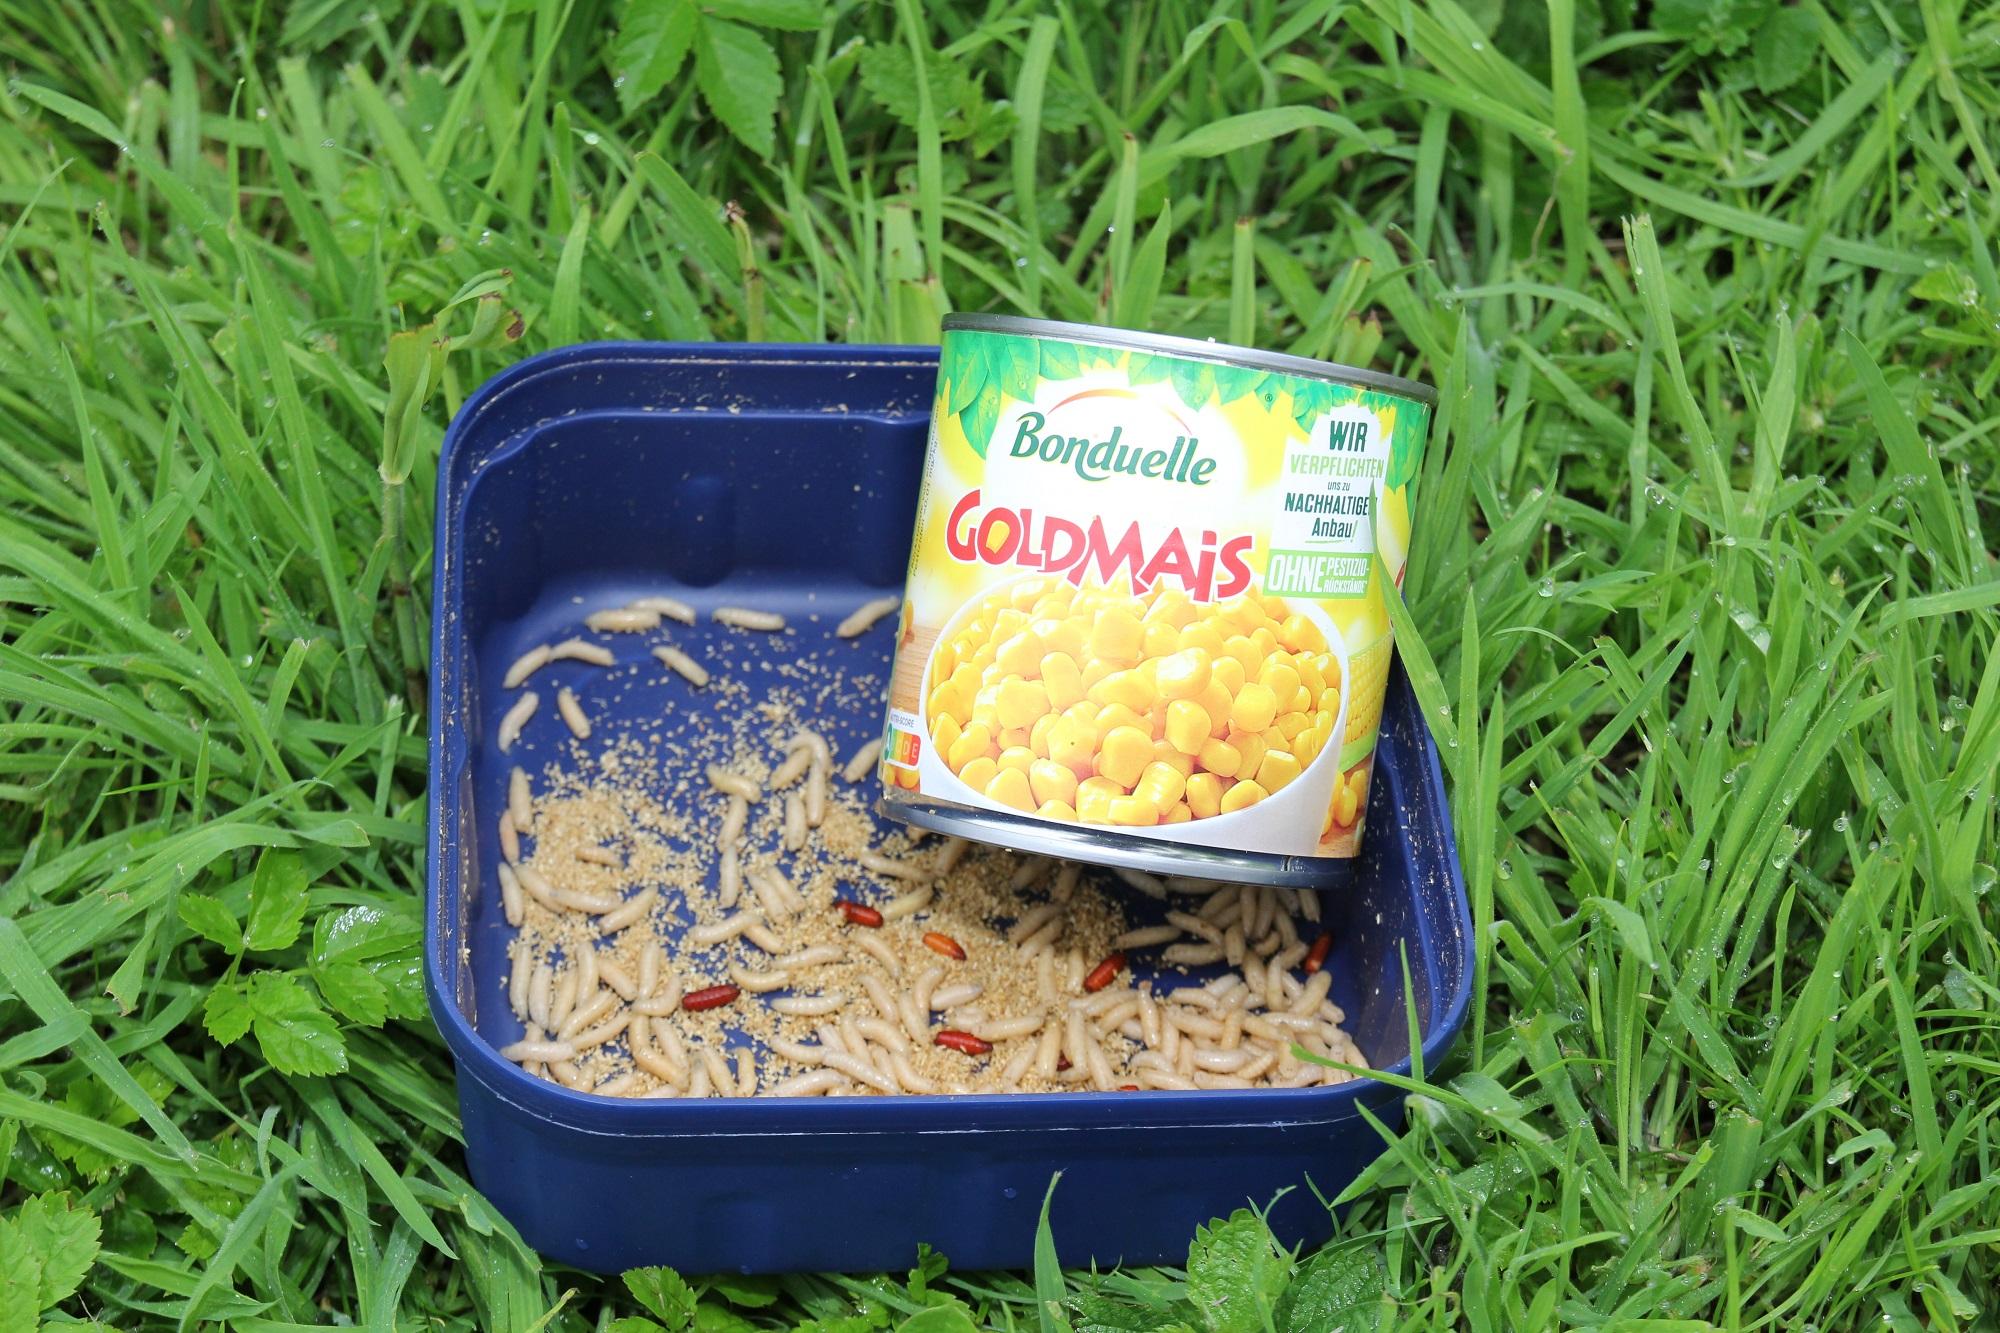 Mais kann super zusammen mit Maden beim Angeln auf Schleie angeboten werden